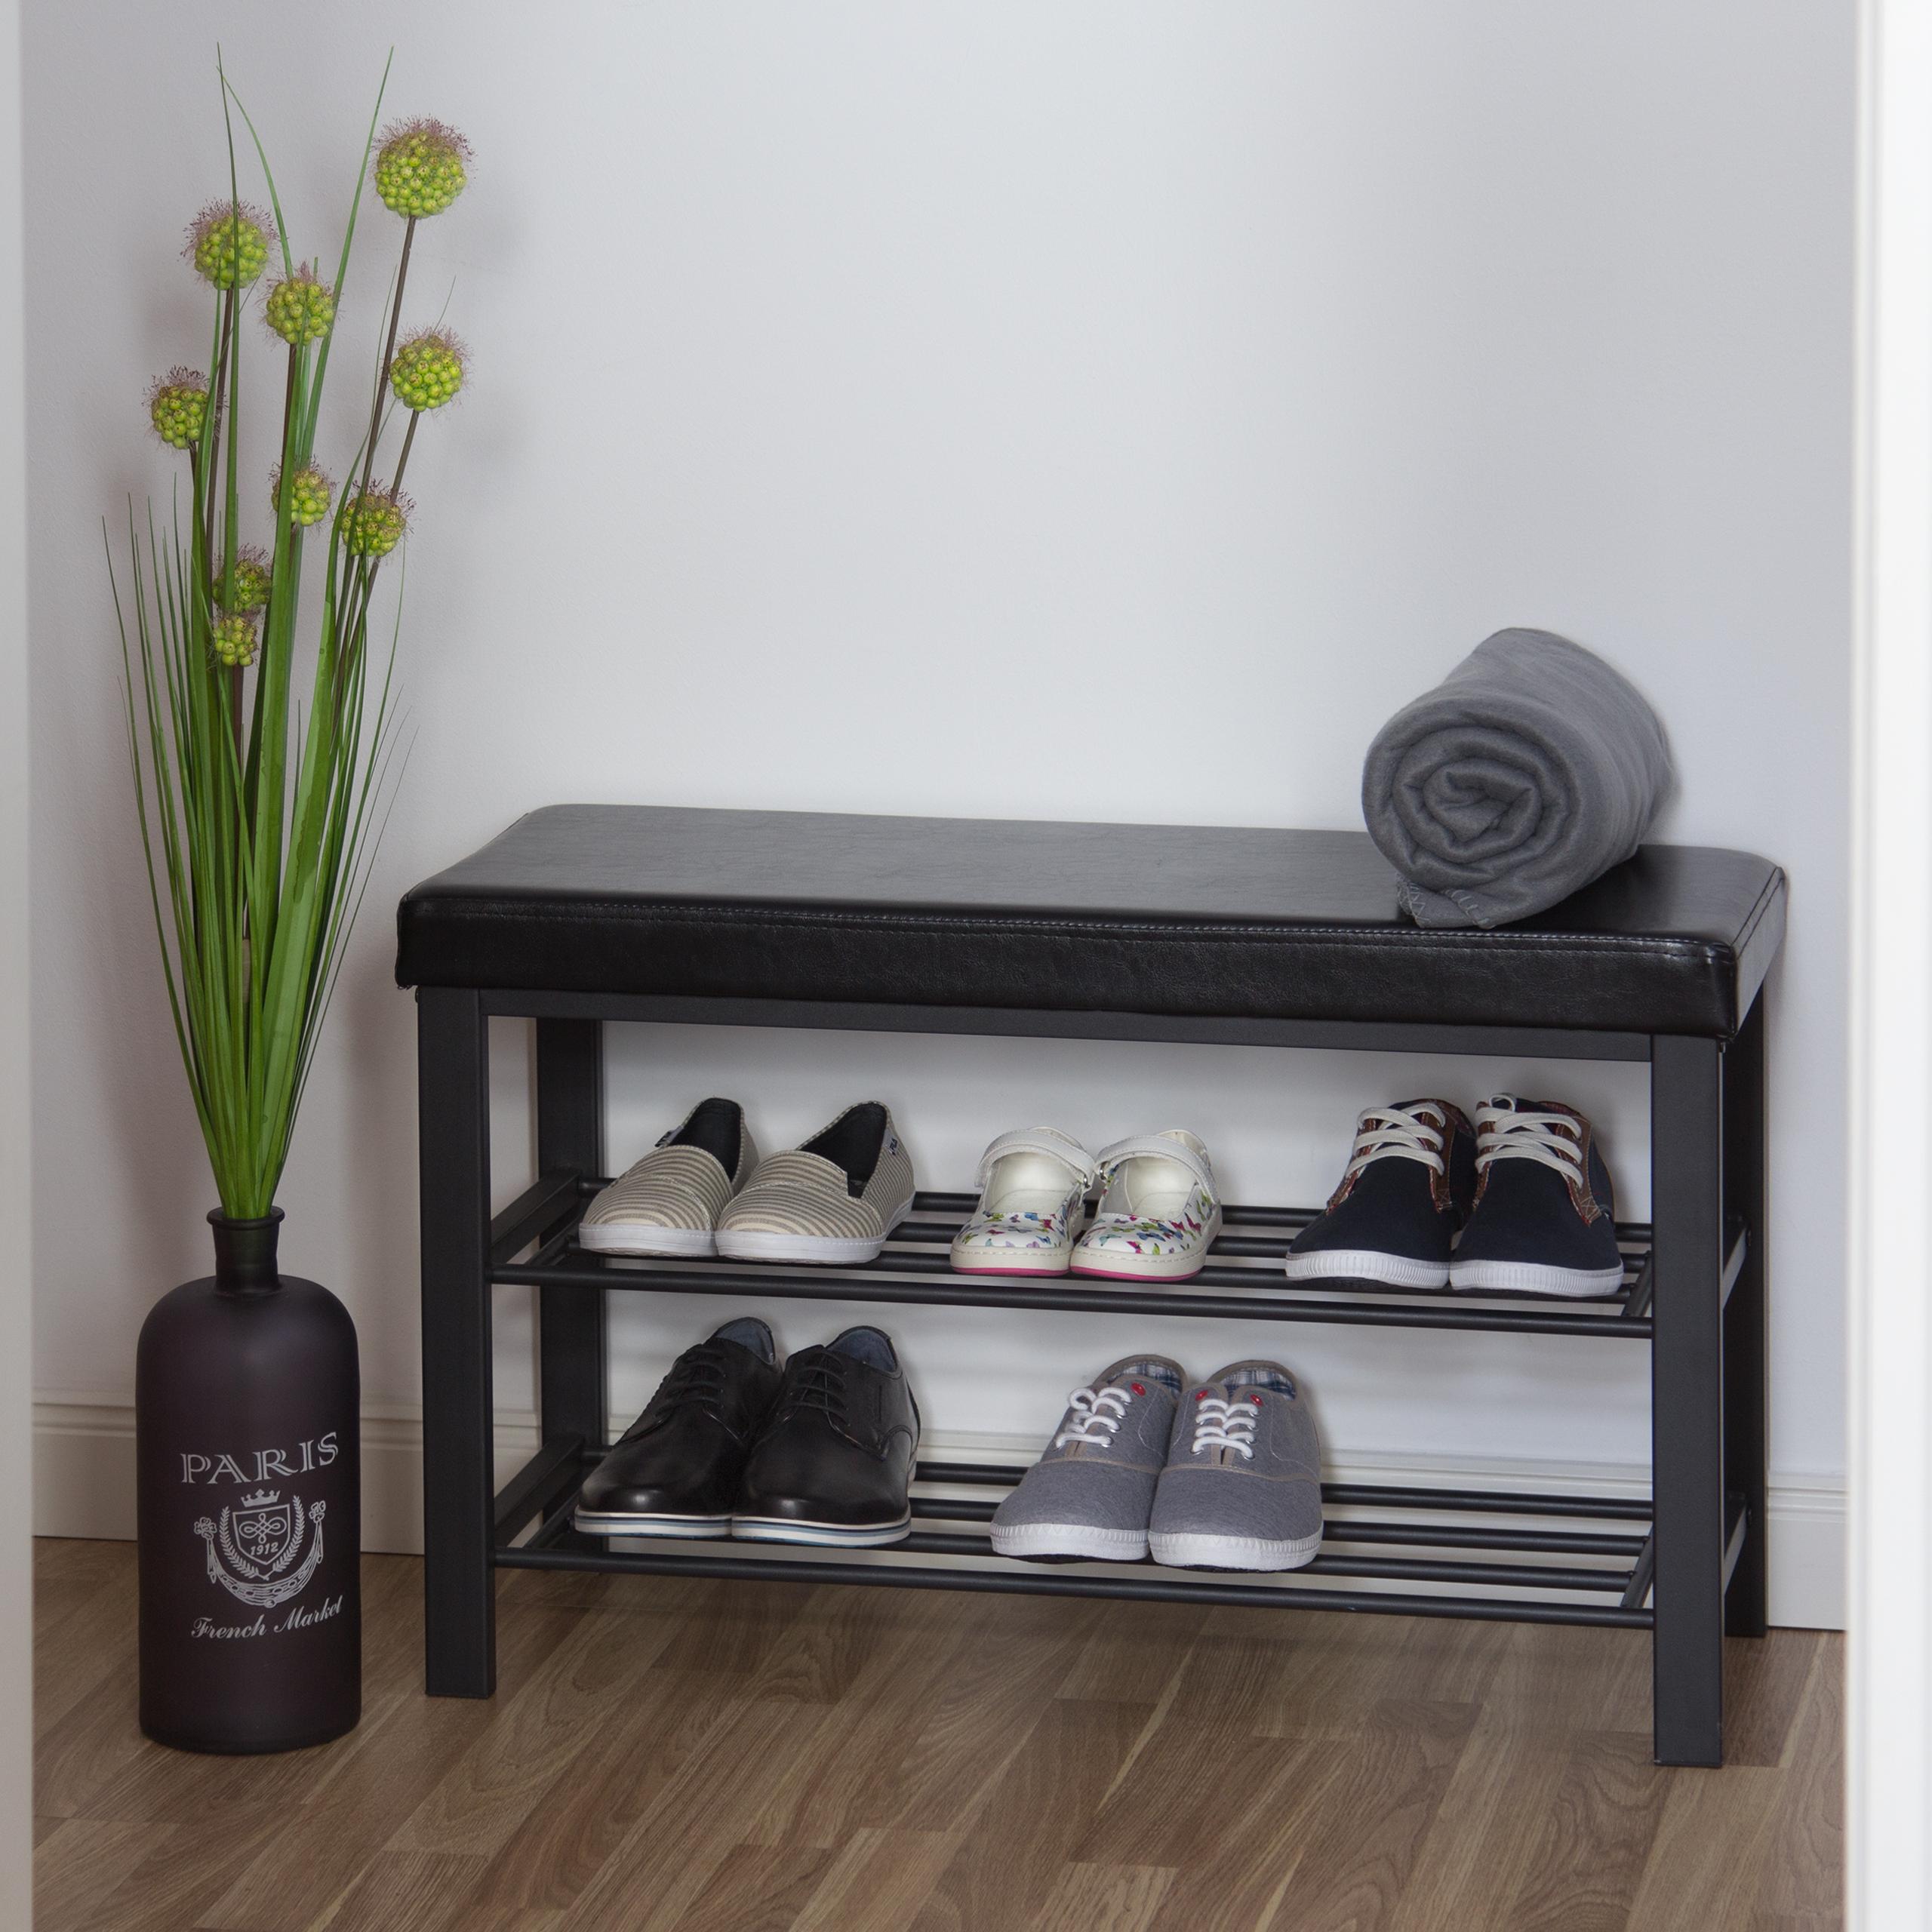 Schuhbank-Sitzbank-mit-Ablage-Polsterung-Schuhregal-offen-Schuhablage-Schuhregal Indexbild 5